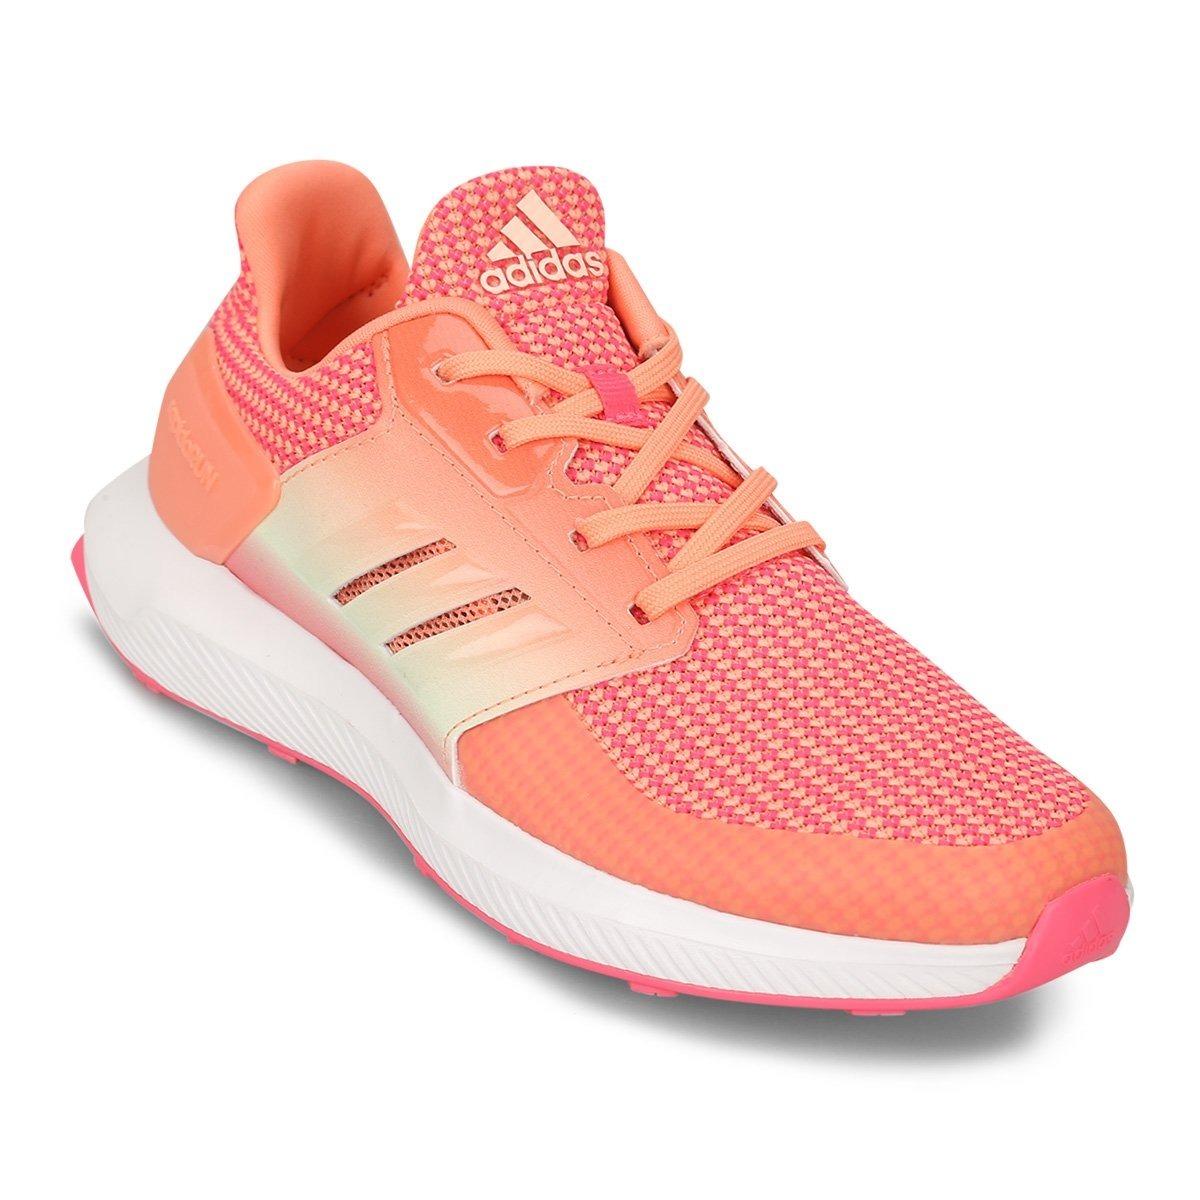 dad4012714254 zapatillas adidas niña - rapidarun - comodas - naranjas. Cargando zoom.